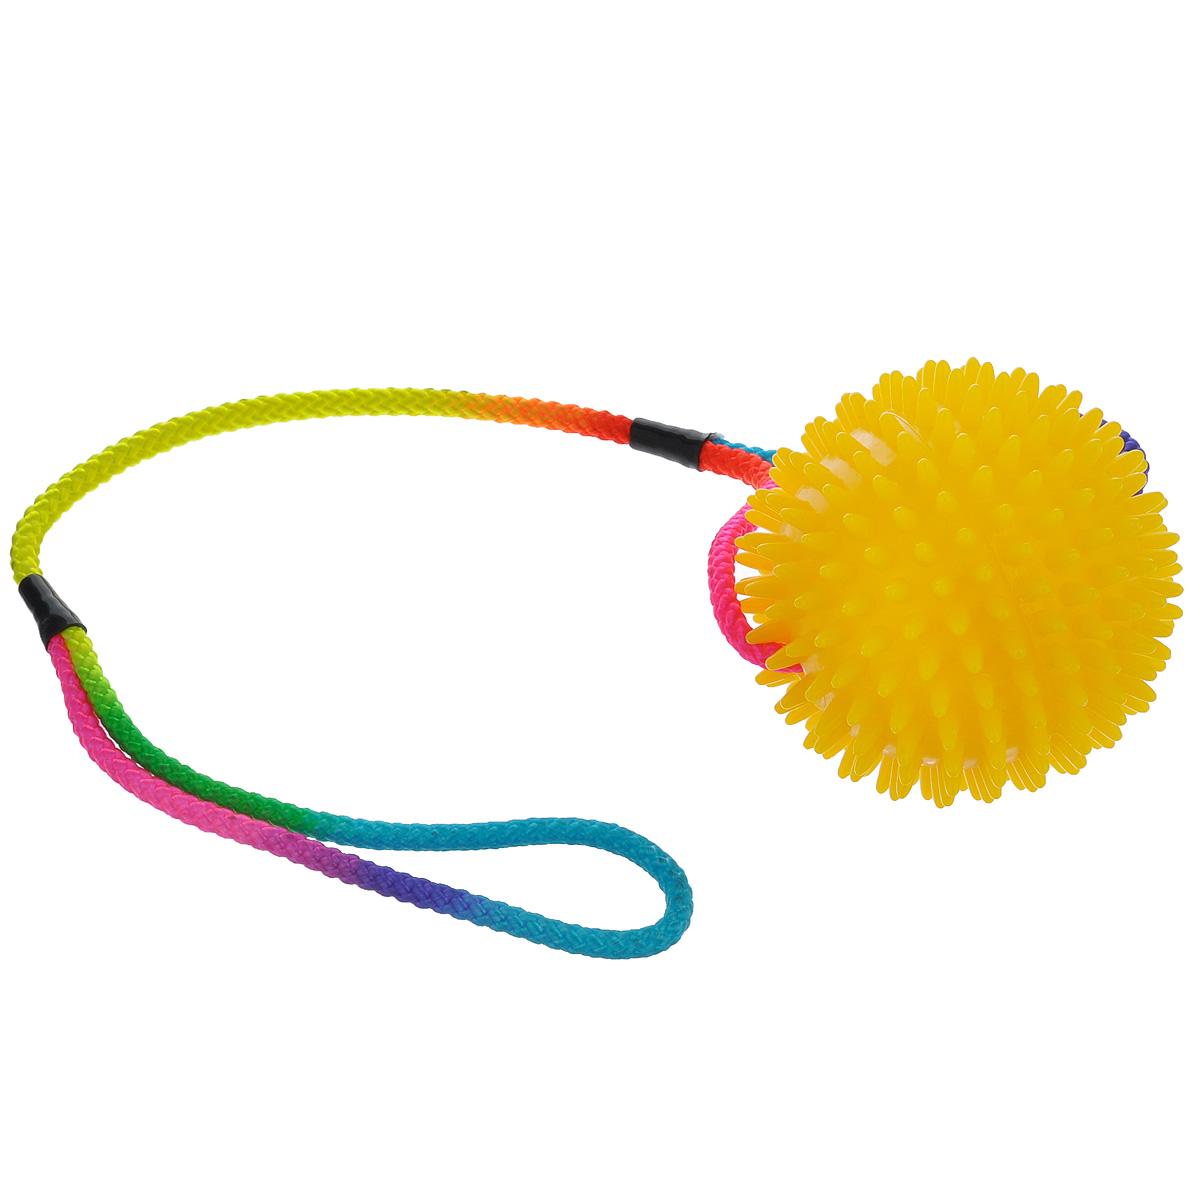 Игрушка для собак V.I.Pet Массажный мяч, на шнуре, цвет: желтый, диаметр 10 см771050_желтыйИгрушка для собак V.I.Pet Массажный мяч, изготовленная из ПВХ, предназначена для массажа и самомассажа рефлексогенных зон. Она имеет мягкие закругленные массажные шипы, эффективно массирующие и не травмирующие кожу. Сквозь мяч продет шнур. Игрушка не позволит скучать вашему питомцу ни дома, ни на улице. Диаметр: 10 см. Длина шнура: 50 см.